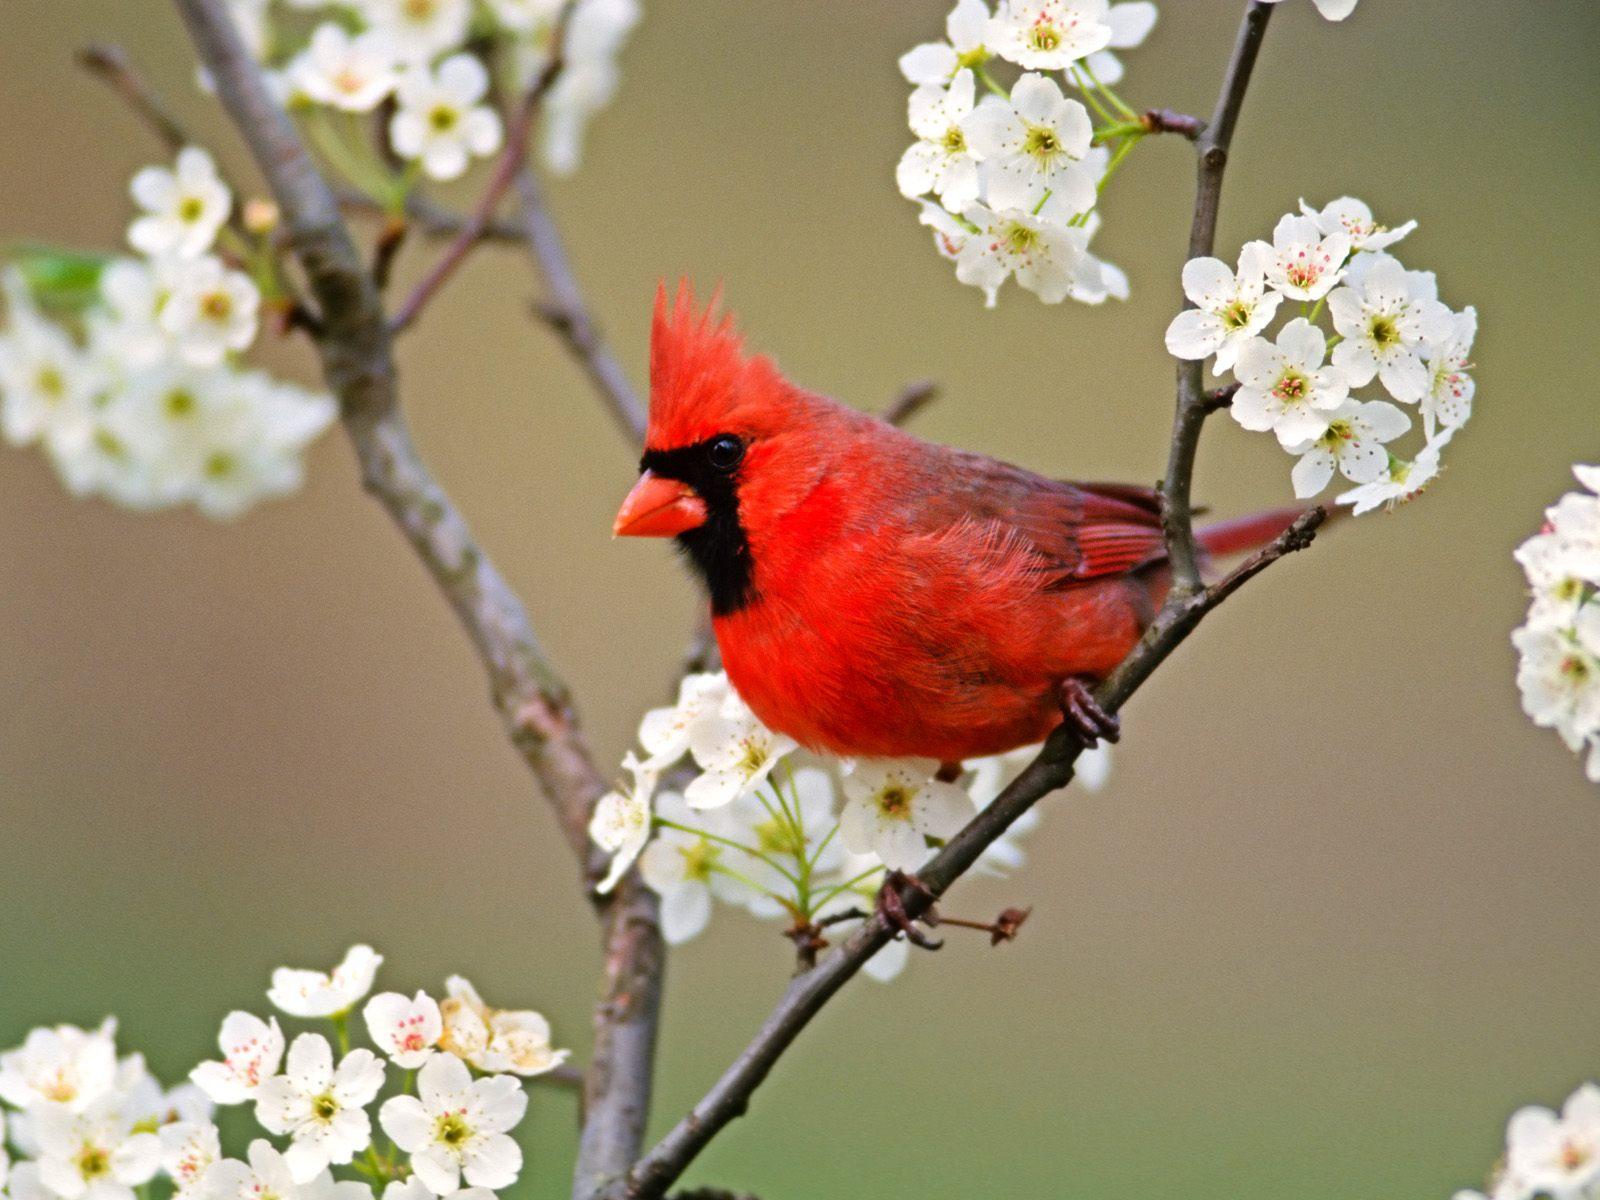 بالصور صور طيور , صور طيور غاية فى الجمال والروعة 131 7